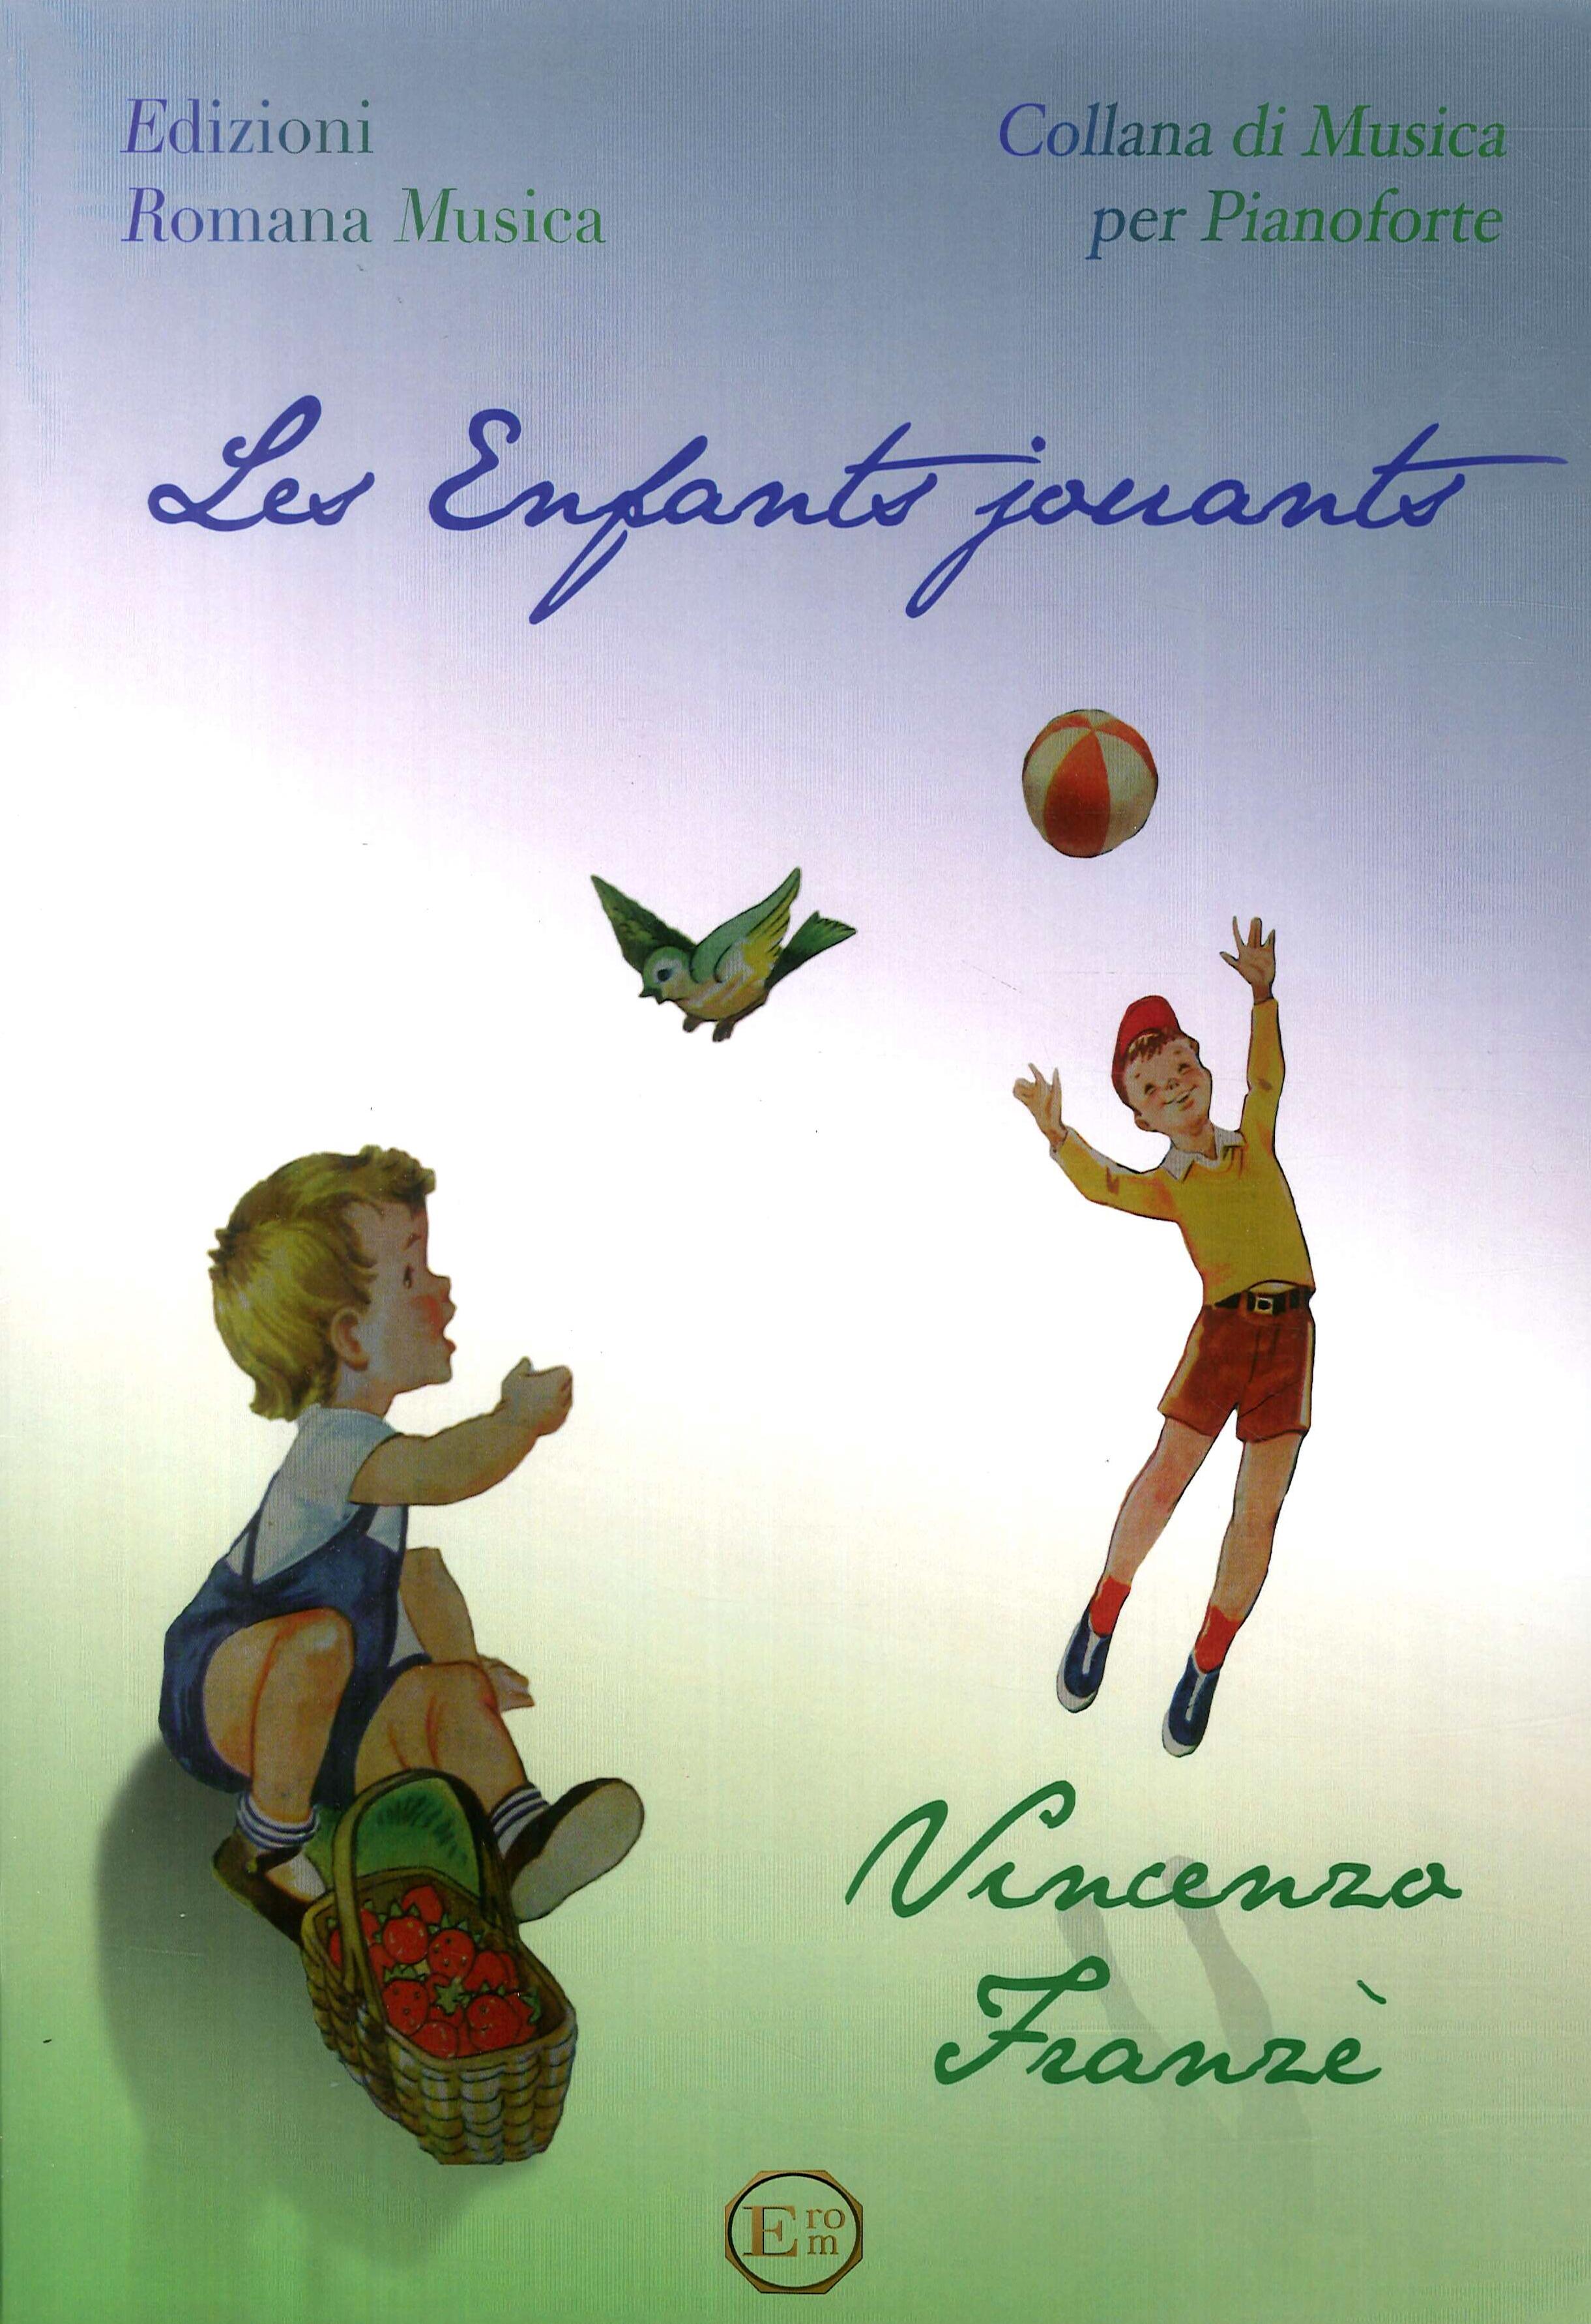 Les Enfants Jouants. Vincenzo Franzè. Musica per Pianoforte. Erom 0207